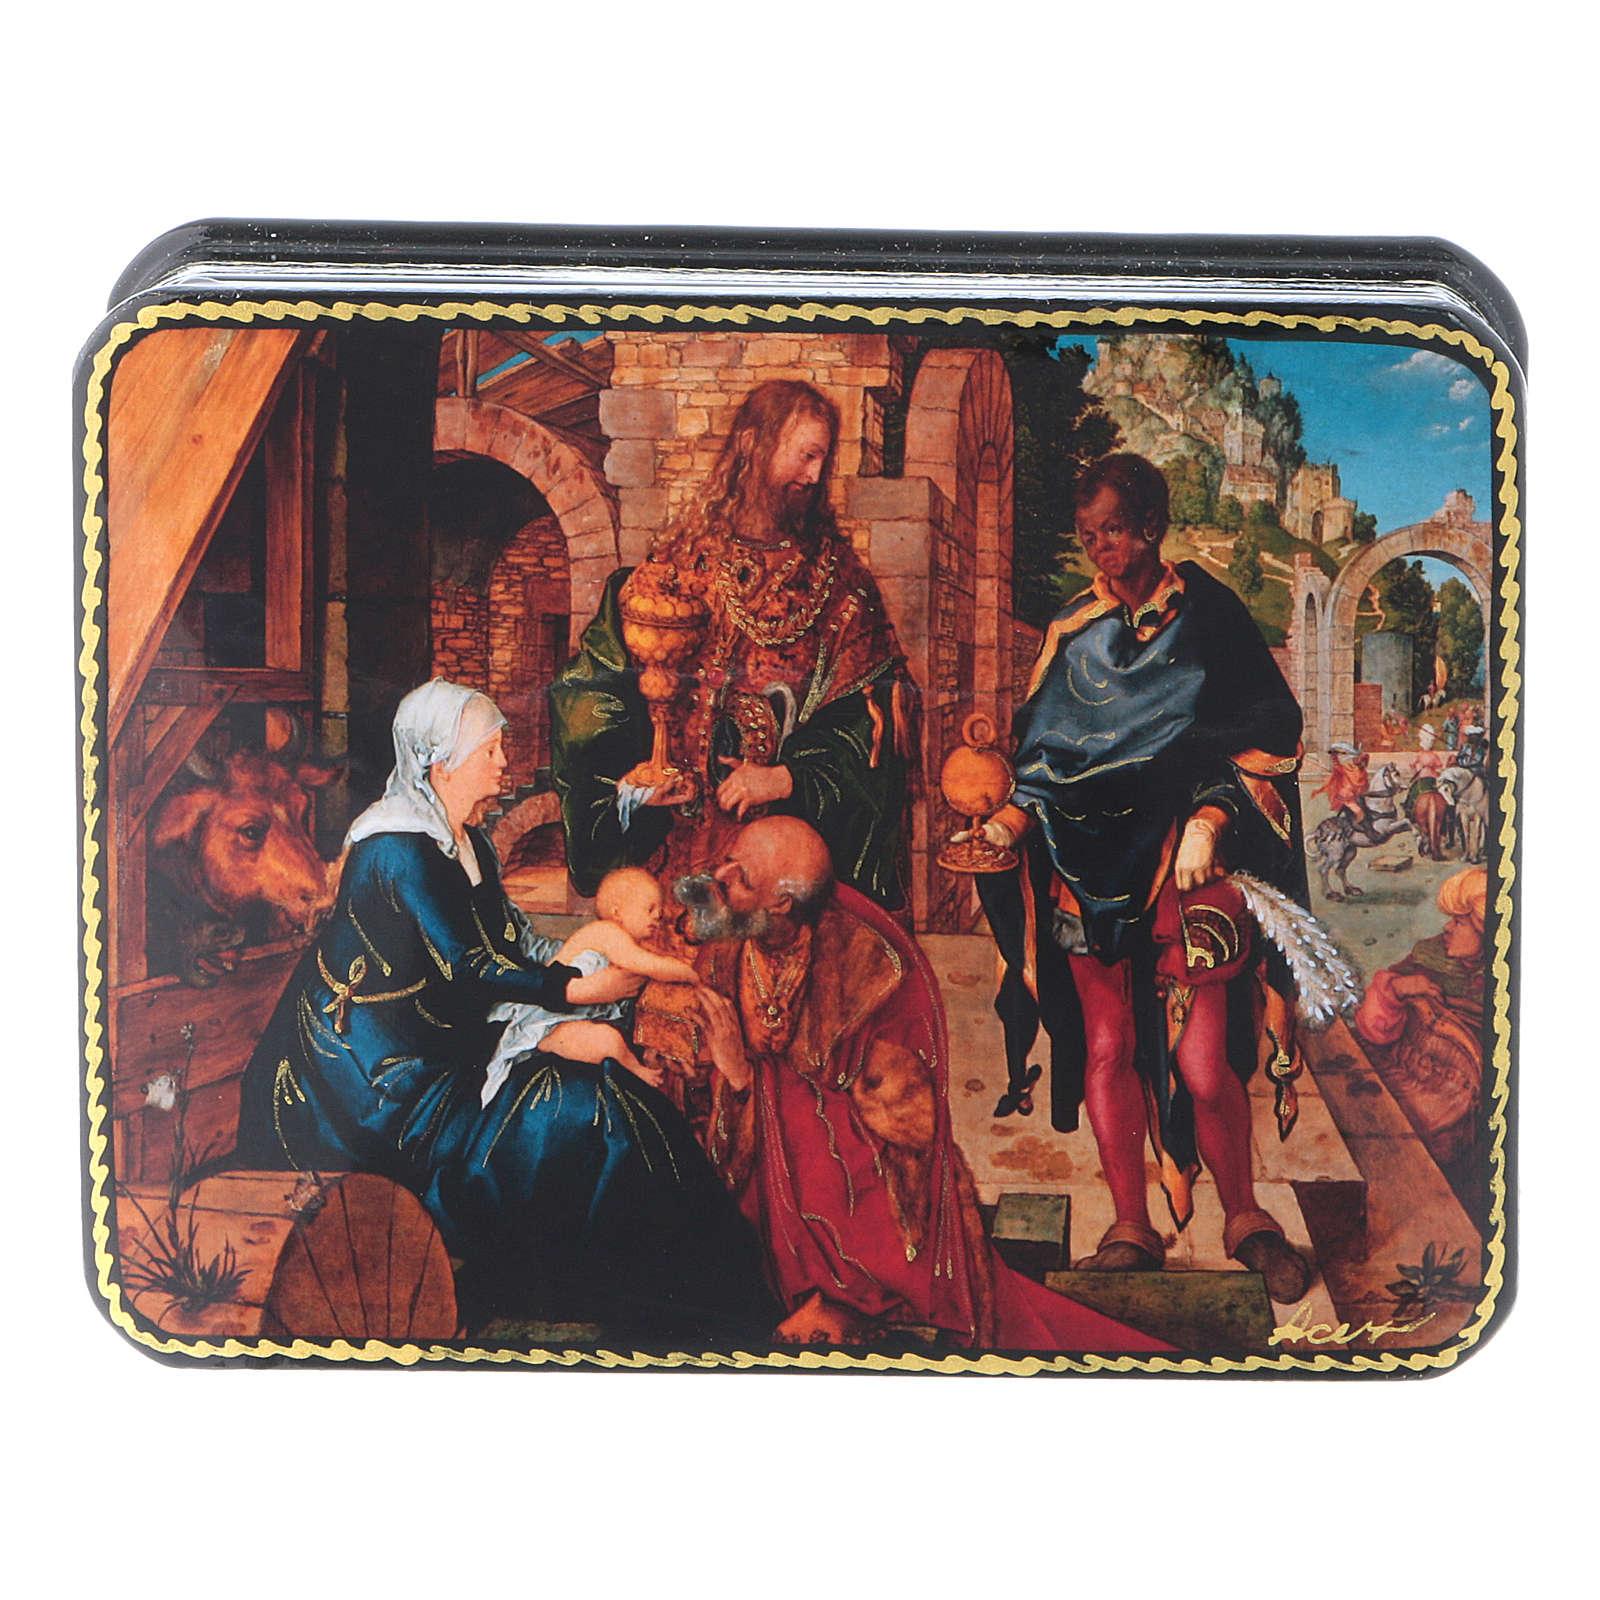 Scatola russa cartapesta Adorazione Magi Dürer 11x8 Fedoskino style 4